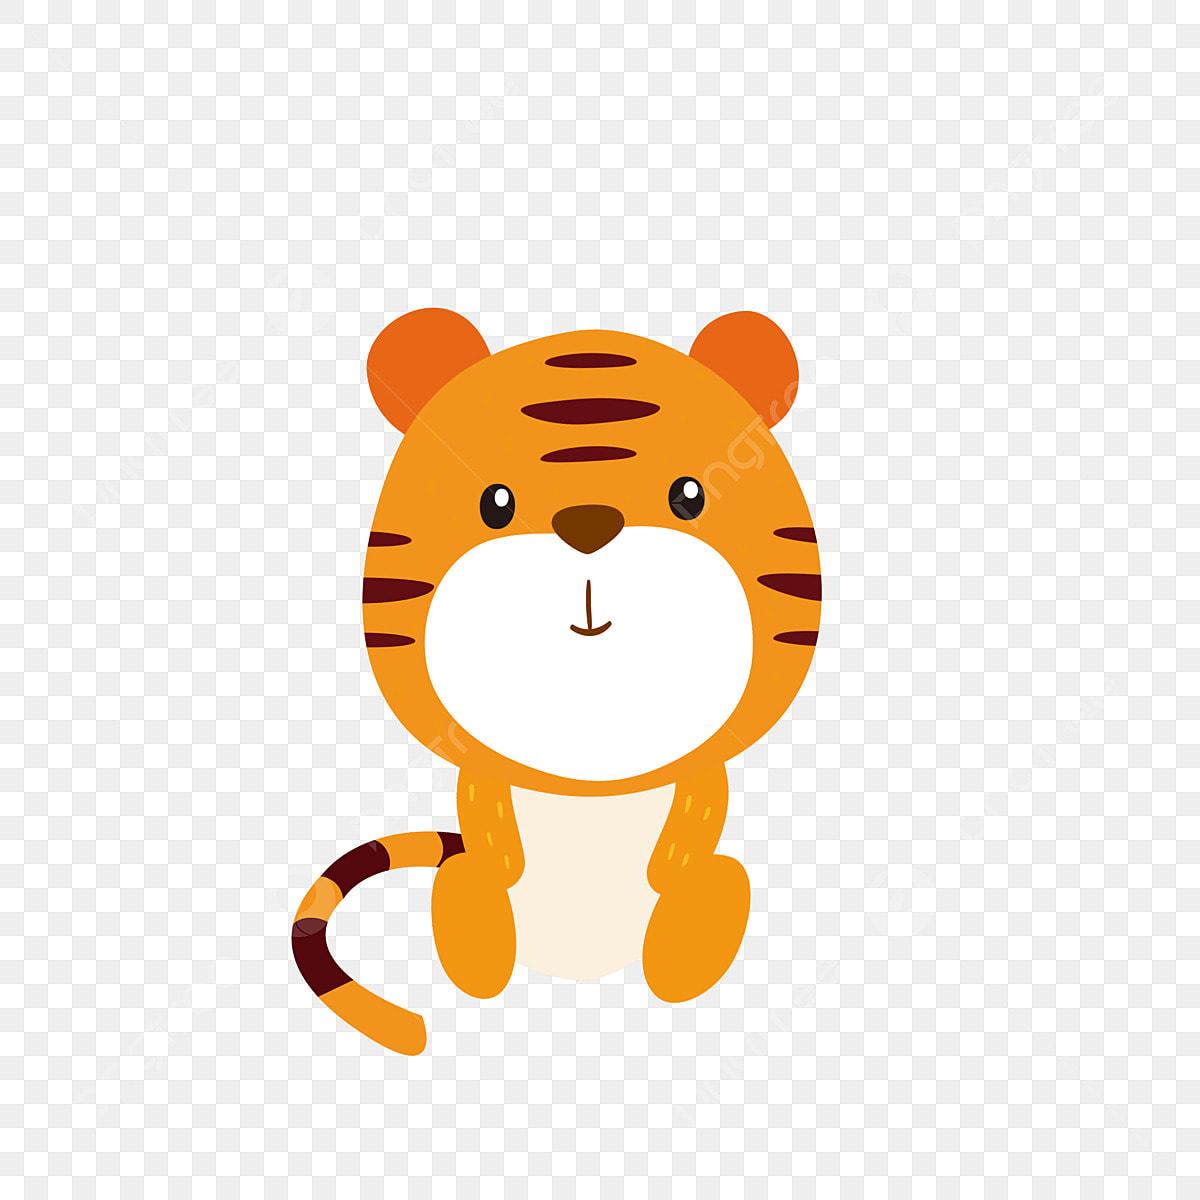 80 Gambar Harimau Kartun Mudah Terbaik Gambar Pixabay